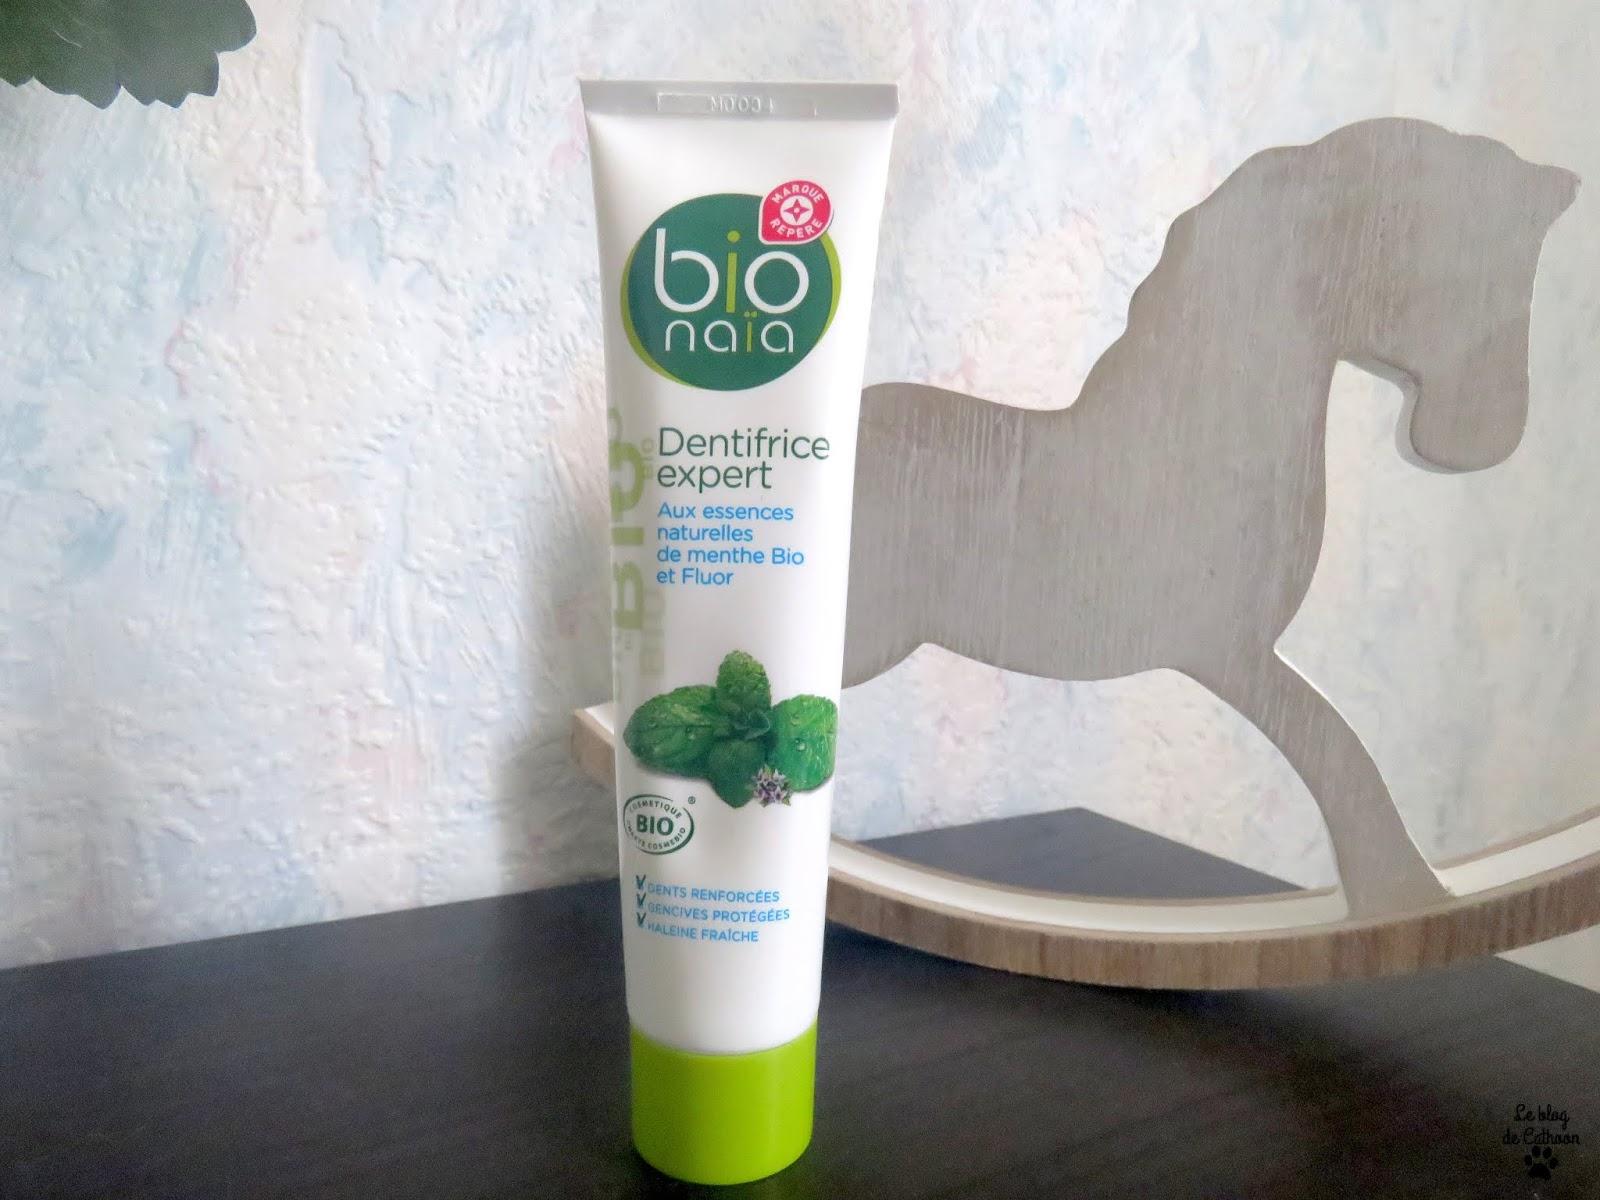 Dentifrice Expert -Essences naturelles de menthe bio et Fluor - Bio Naïa (Leclerc)